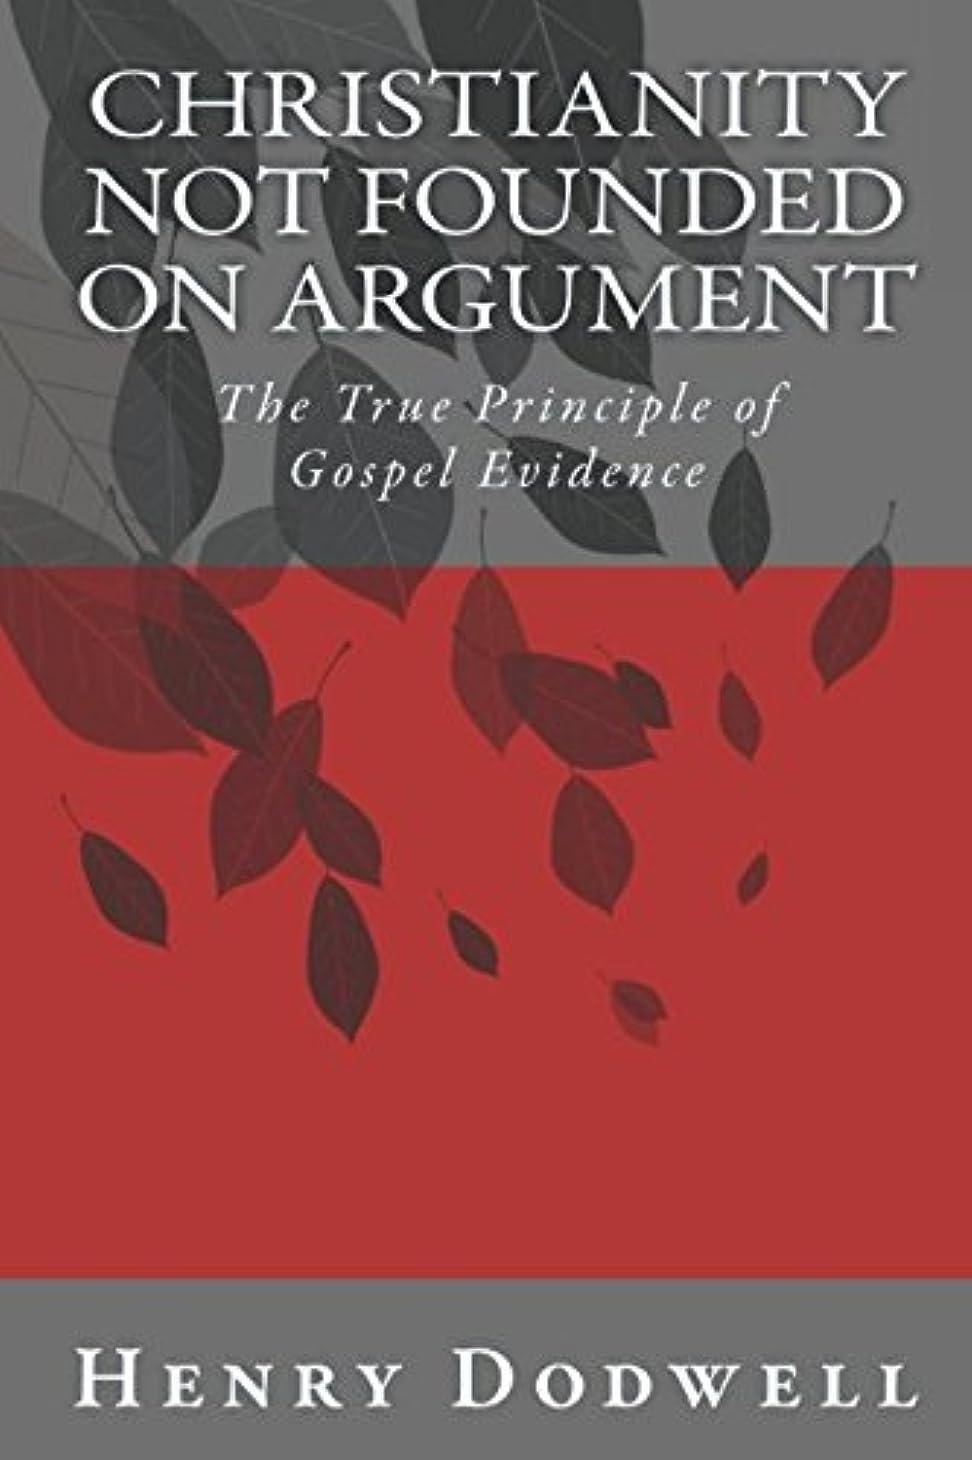 トランスペアレントスライムアライメントChristianity Not Founded on Argument: The True Principle of Gospel Evidence